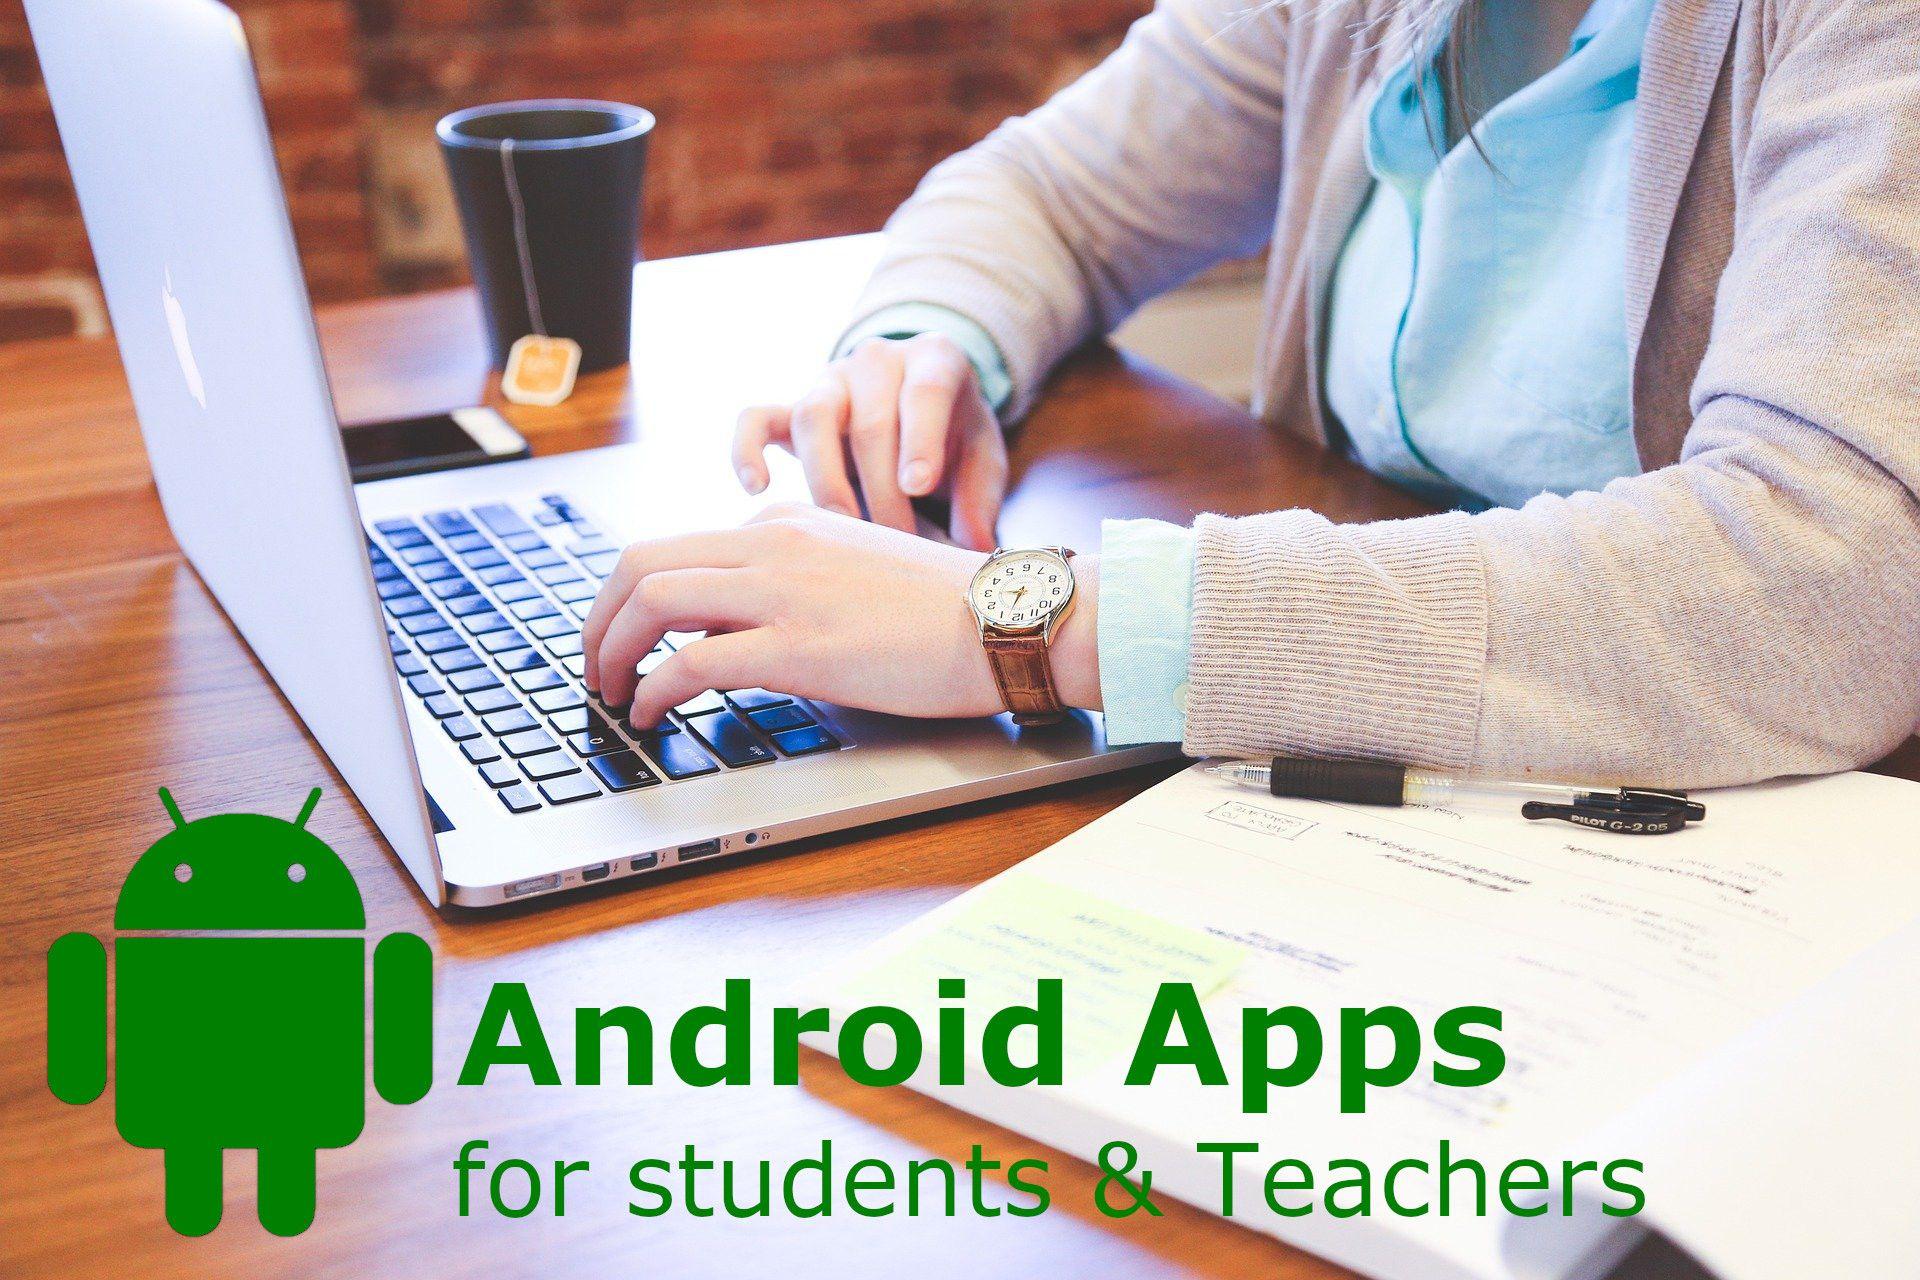 تطبيقات أندرويد هامة لكل الطلاب والمدرسين